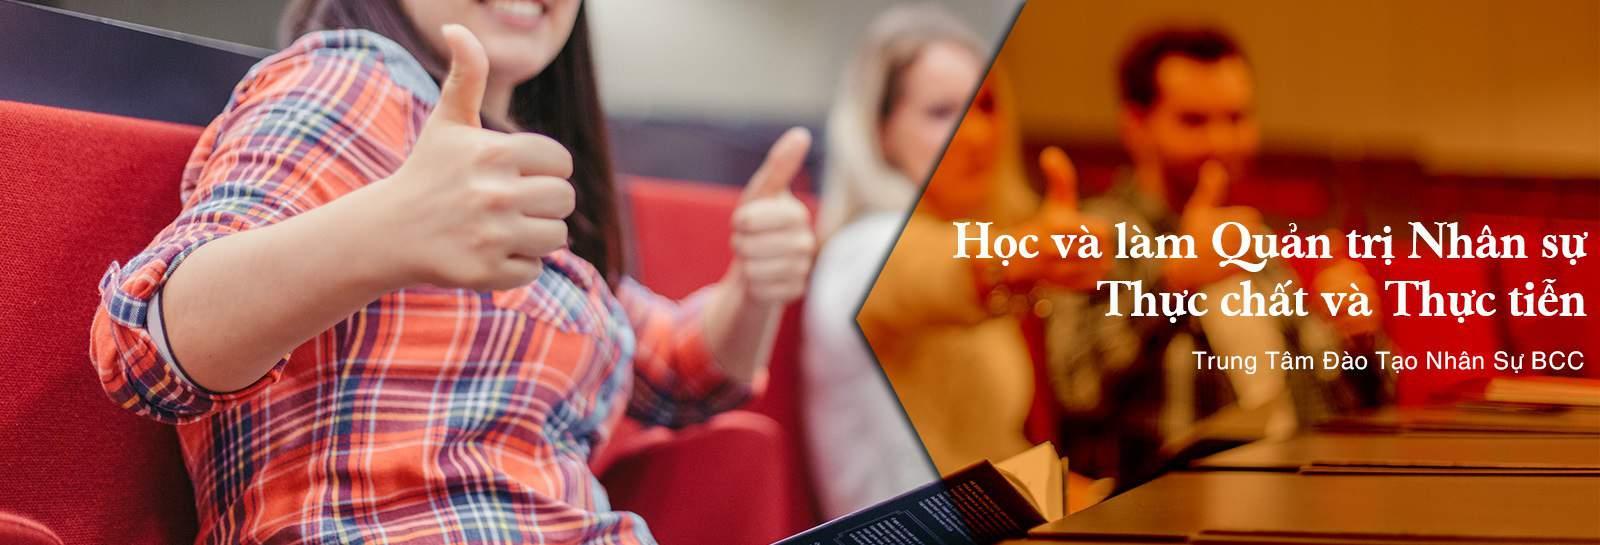 Top 10 Trung Tâm Đào Tạo Quản Trị Nhân Sự Nổi Tiếng Tại Hồ Chí Minh - trung tâm đào tạo quản trị nhân sự - Business Management Institute | Công Ty CPPT Nguồn Lực Quốc Tế | Global Economic Center 77